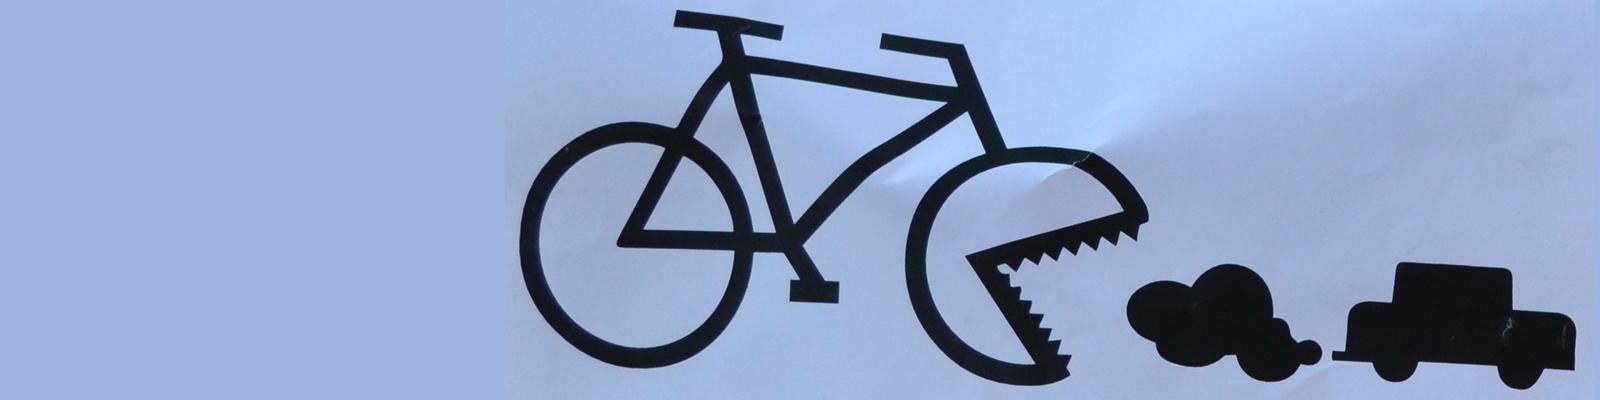 Die Critical-Mass-Bewegung ist eine Mischung aus selbstorganisierter Fahrraddemo, Zweiradschau und Tauschbörse.